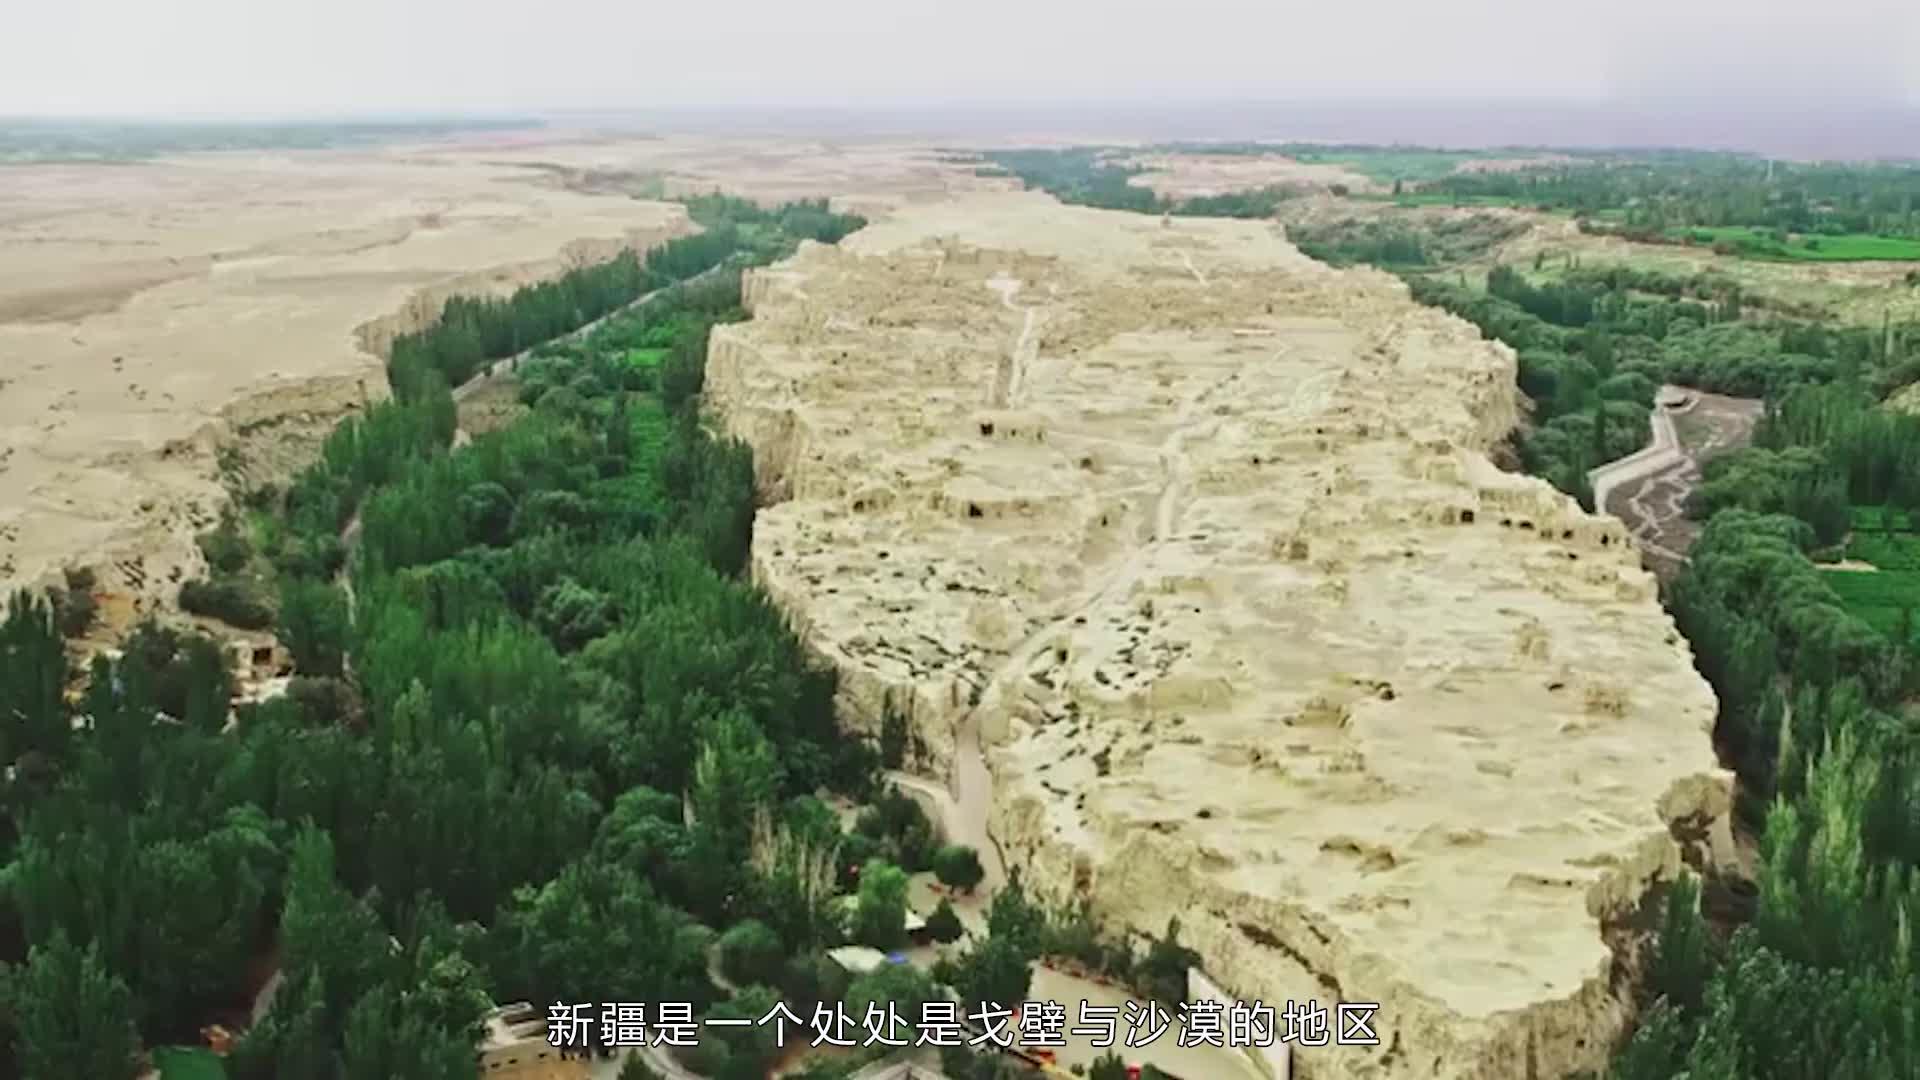 建在新疆沙漠深处的4A景区,景色极美,游客看一眼便忘不了